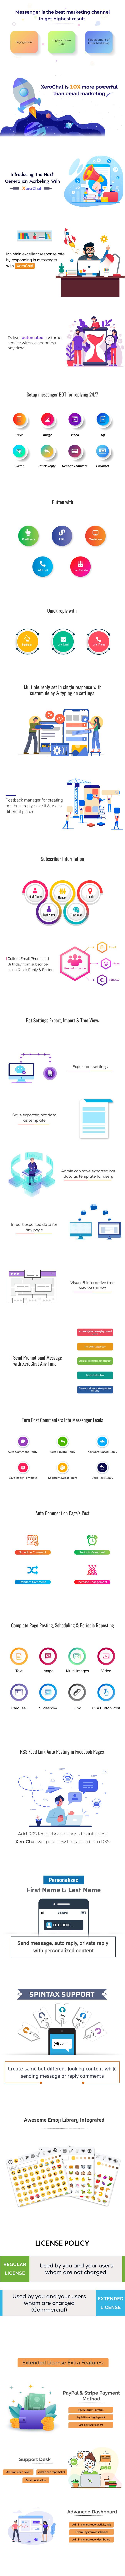 XeroChat - Best Multichannel Marketing Application (White Label) - 8